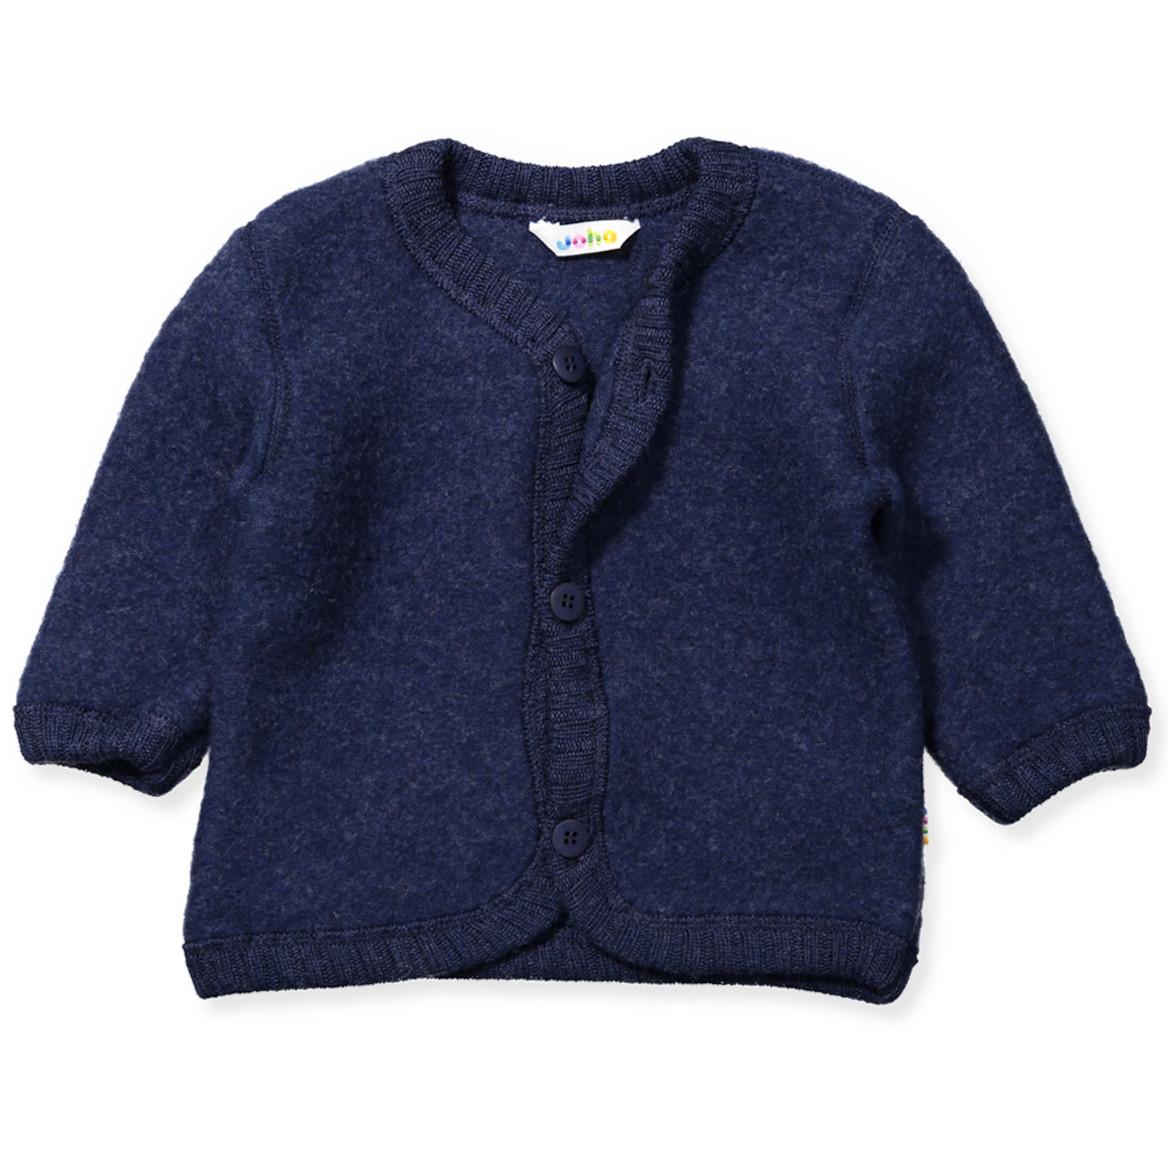 Cardigan Marine wool fleece JOHA